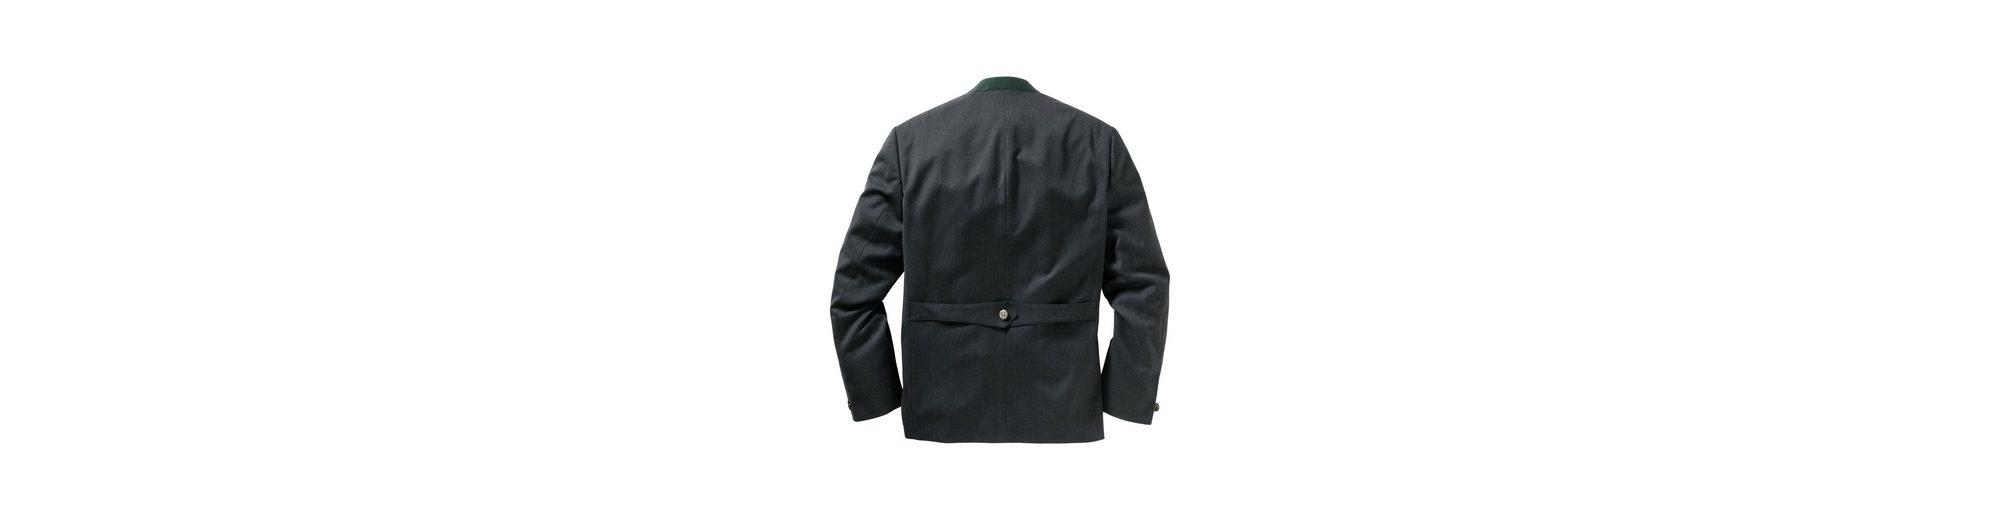 Spielraum Eastbay Billig Verkaufen Mode Luis Steindl Trachtenkombination in gerader Schnittführung (3tlg.) Uw6Ff842